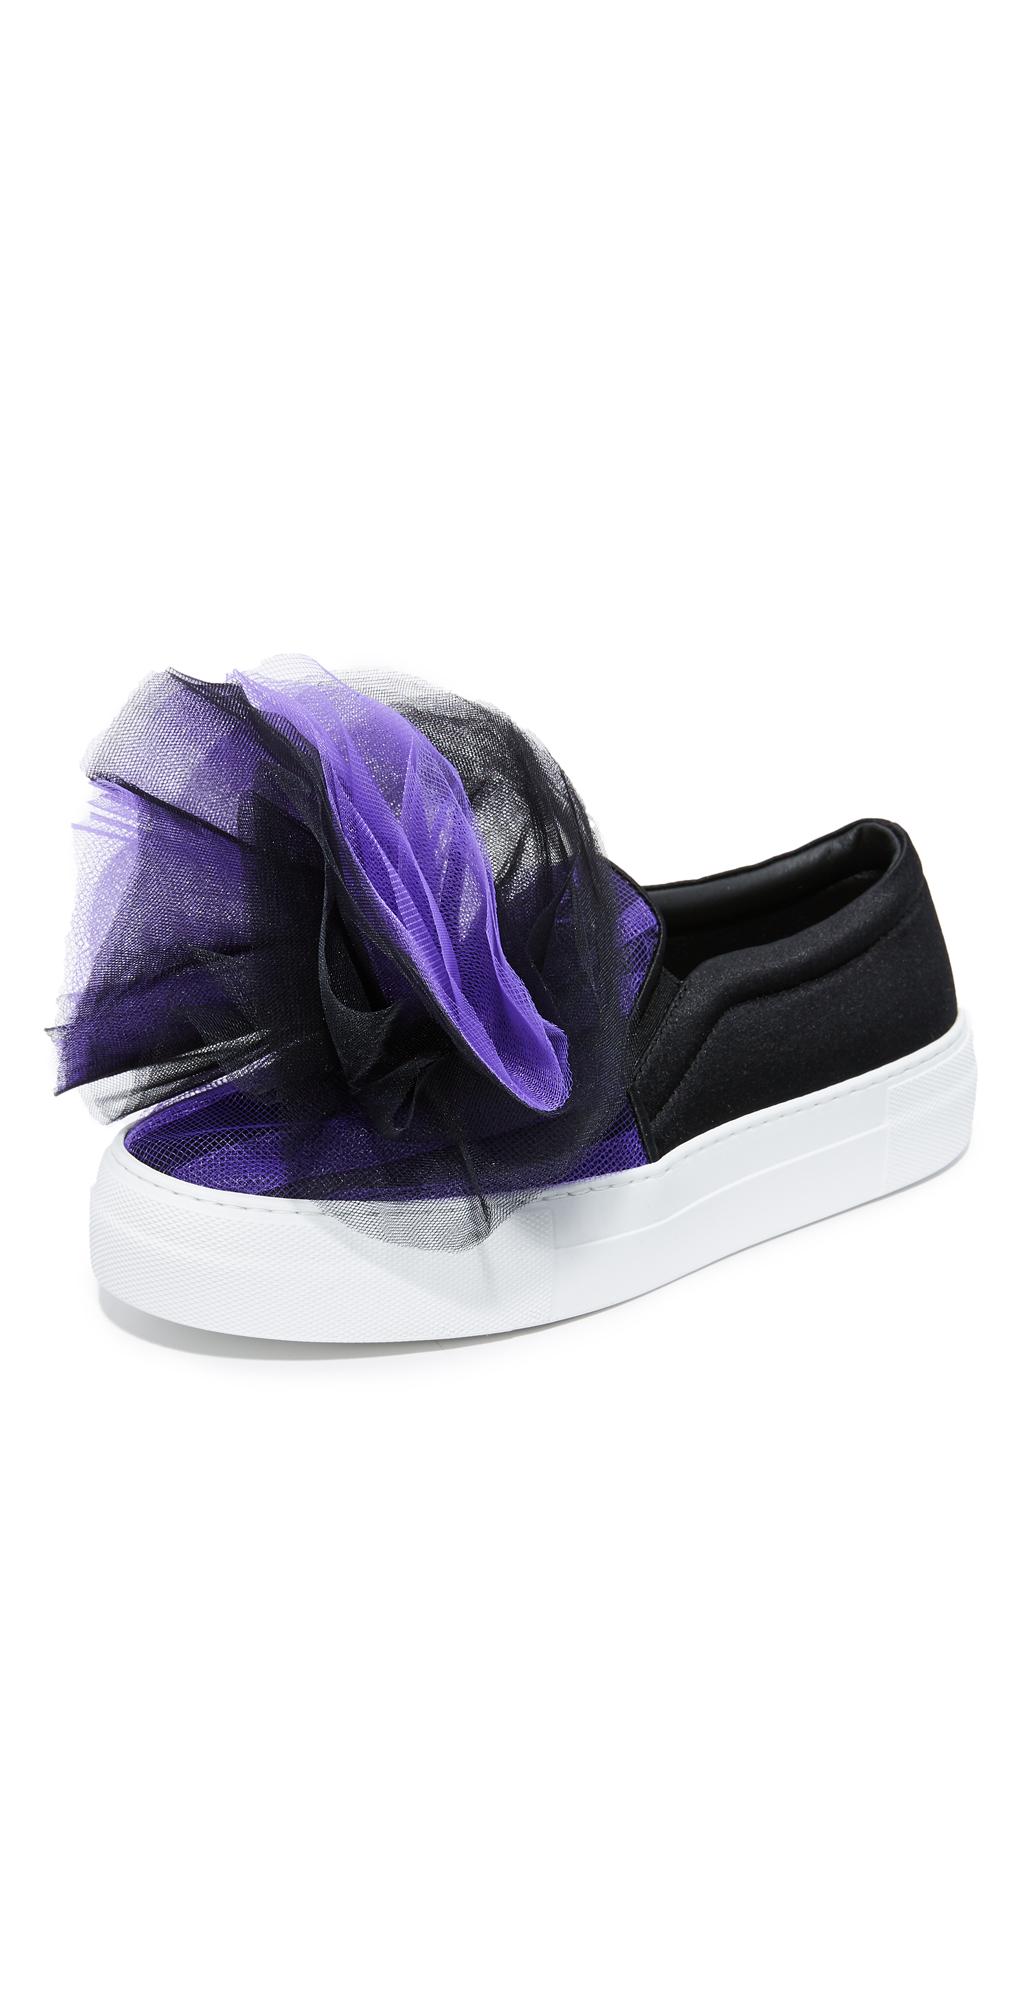 Tulle Sneakers Joshua Sanders